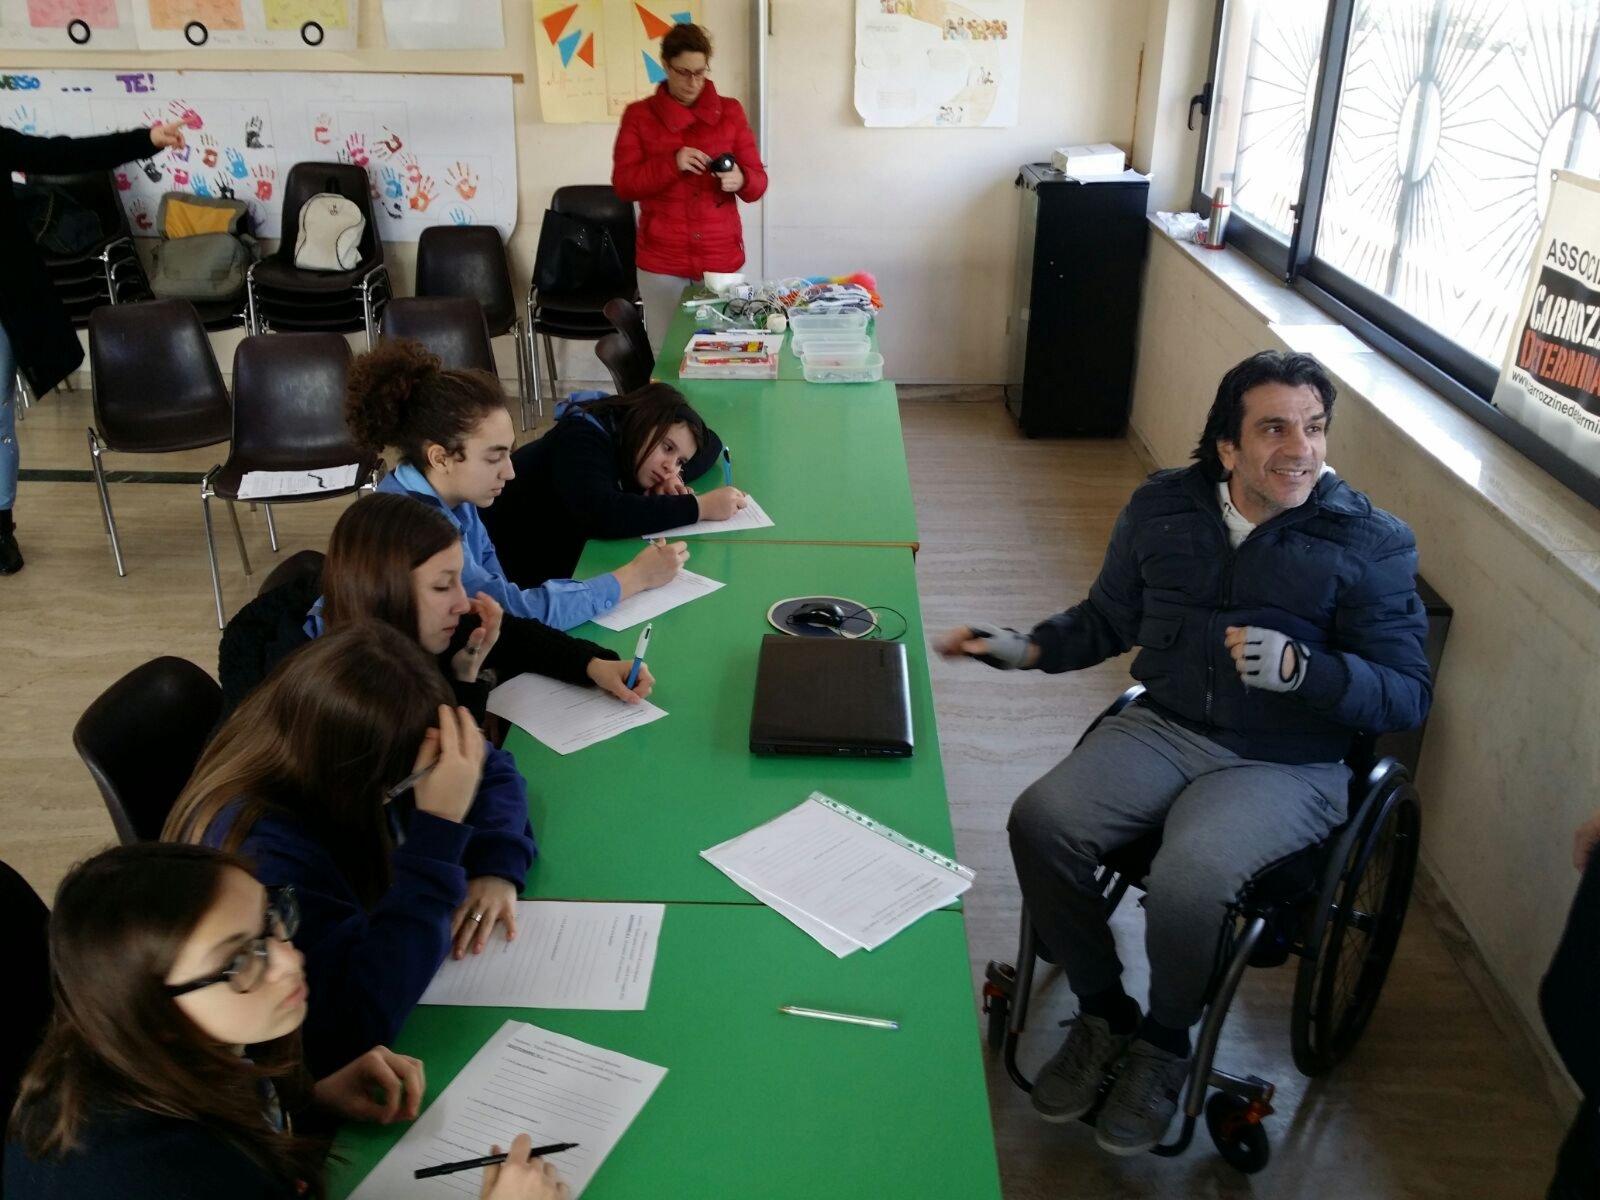 Incontro con la squadriglia femminile delle pantere, Scout Agesci Pescara 6